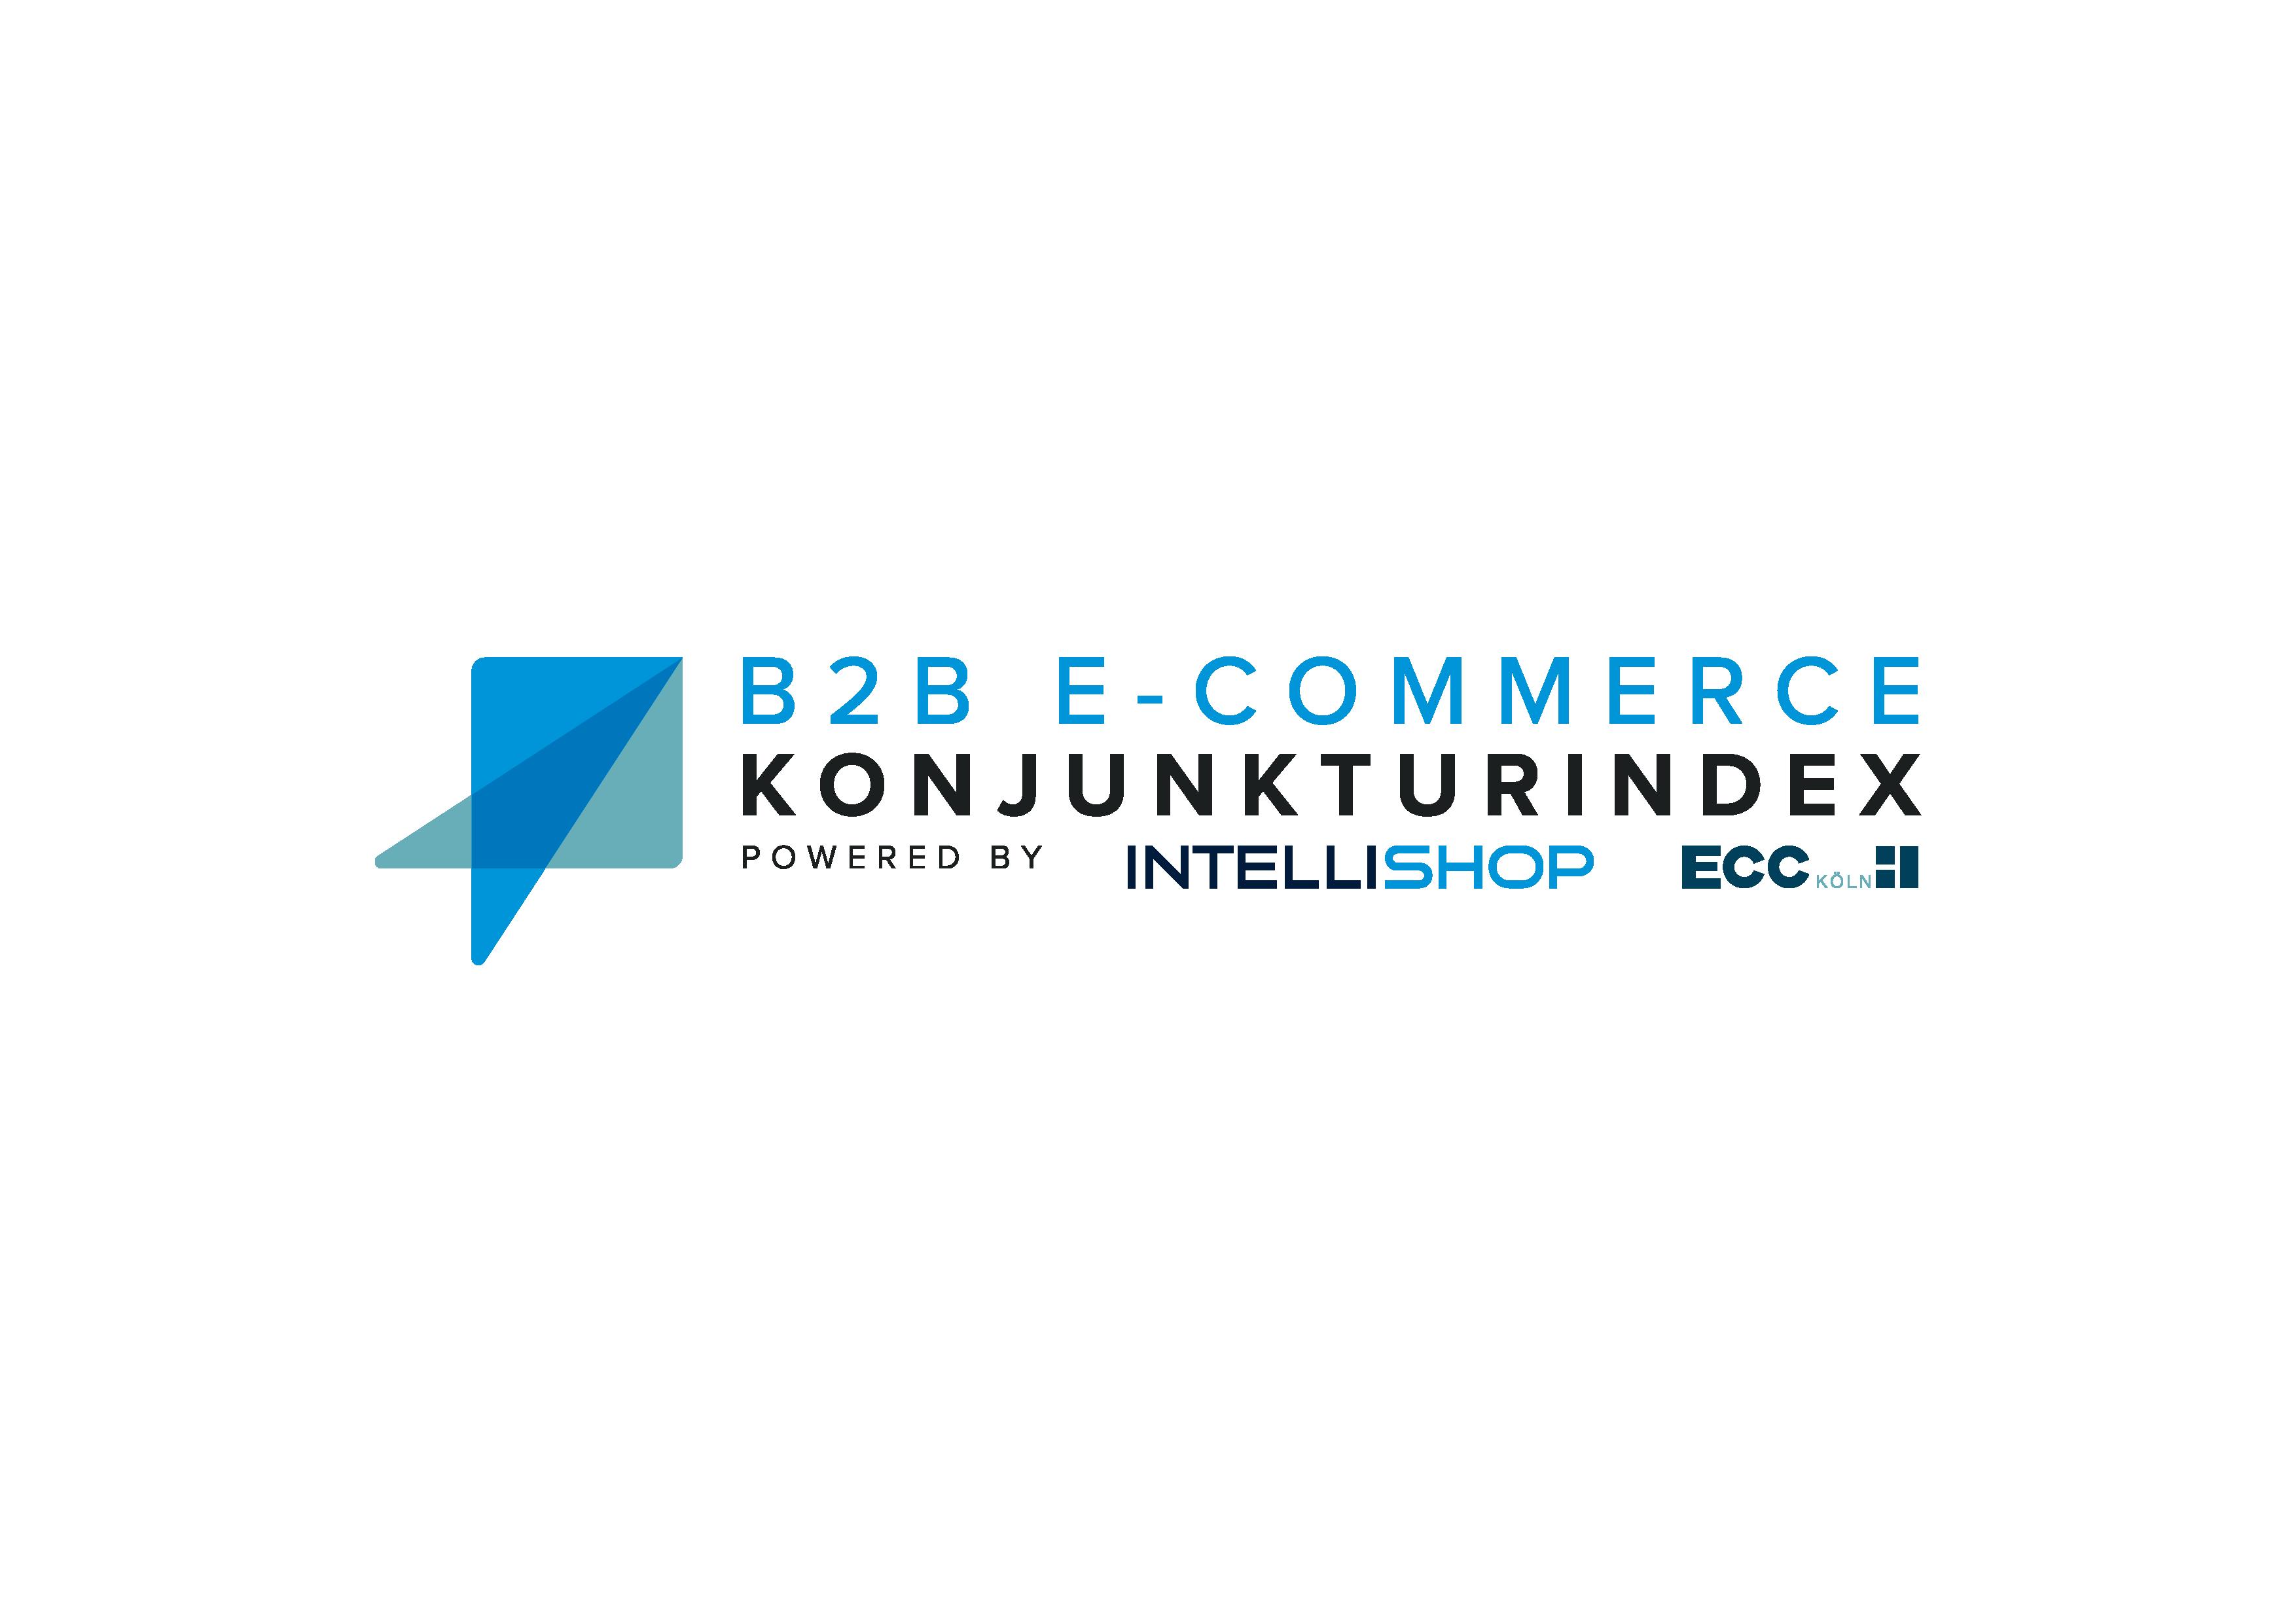 b2b-e-commerce-konjunkturindex